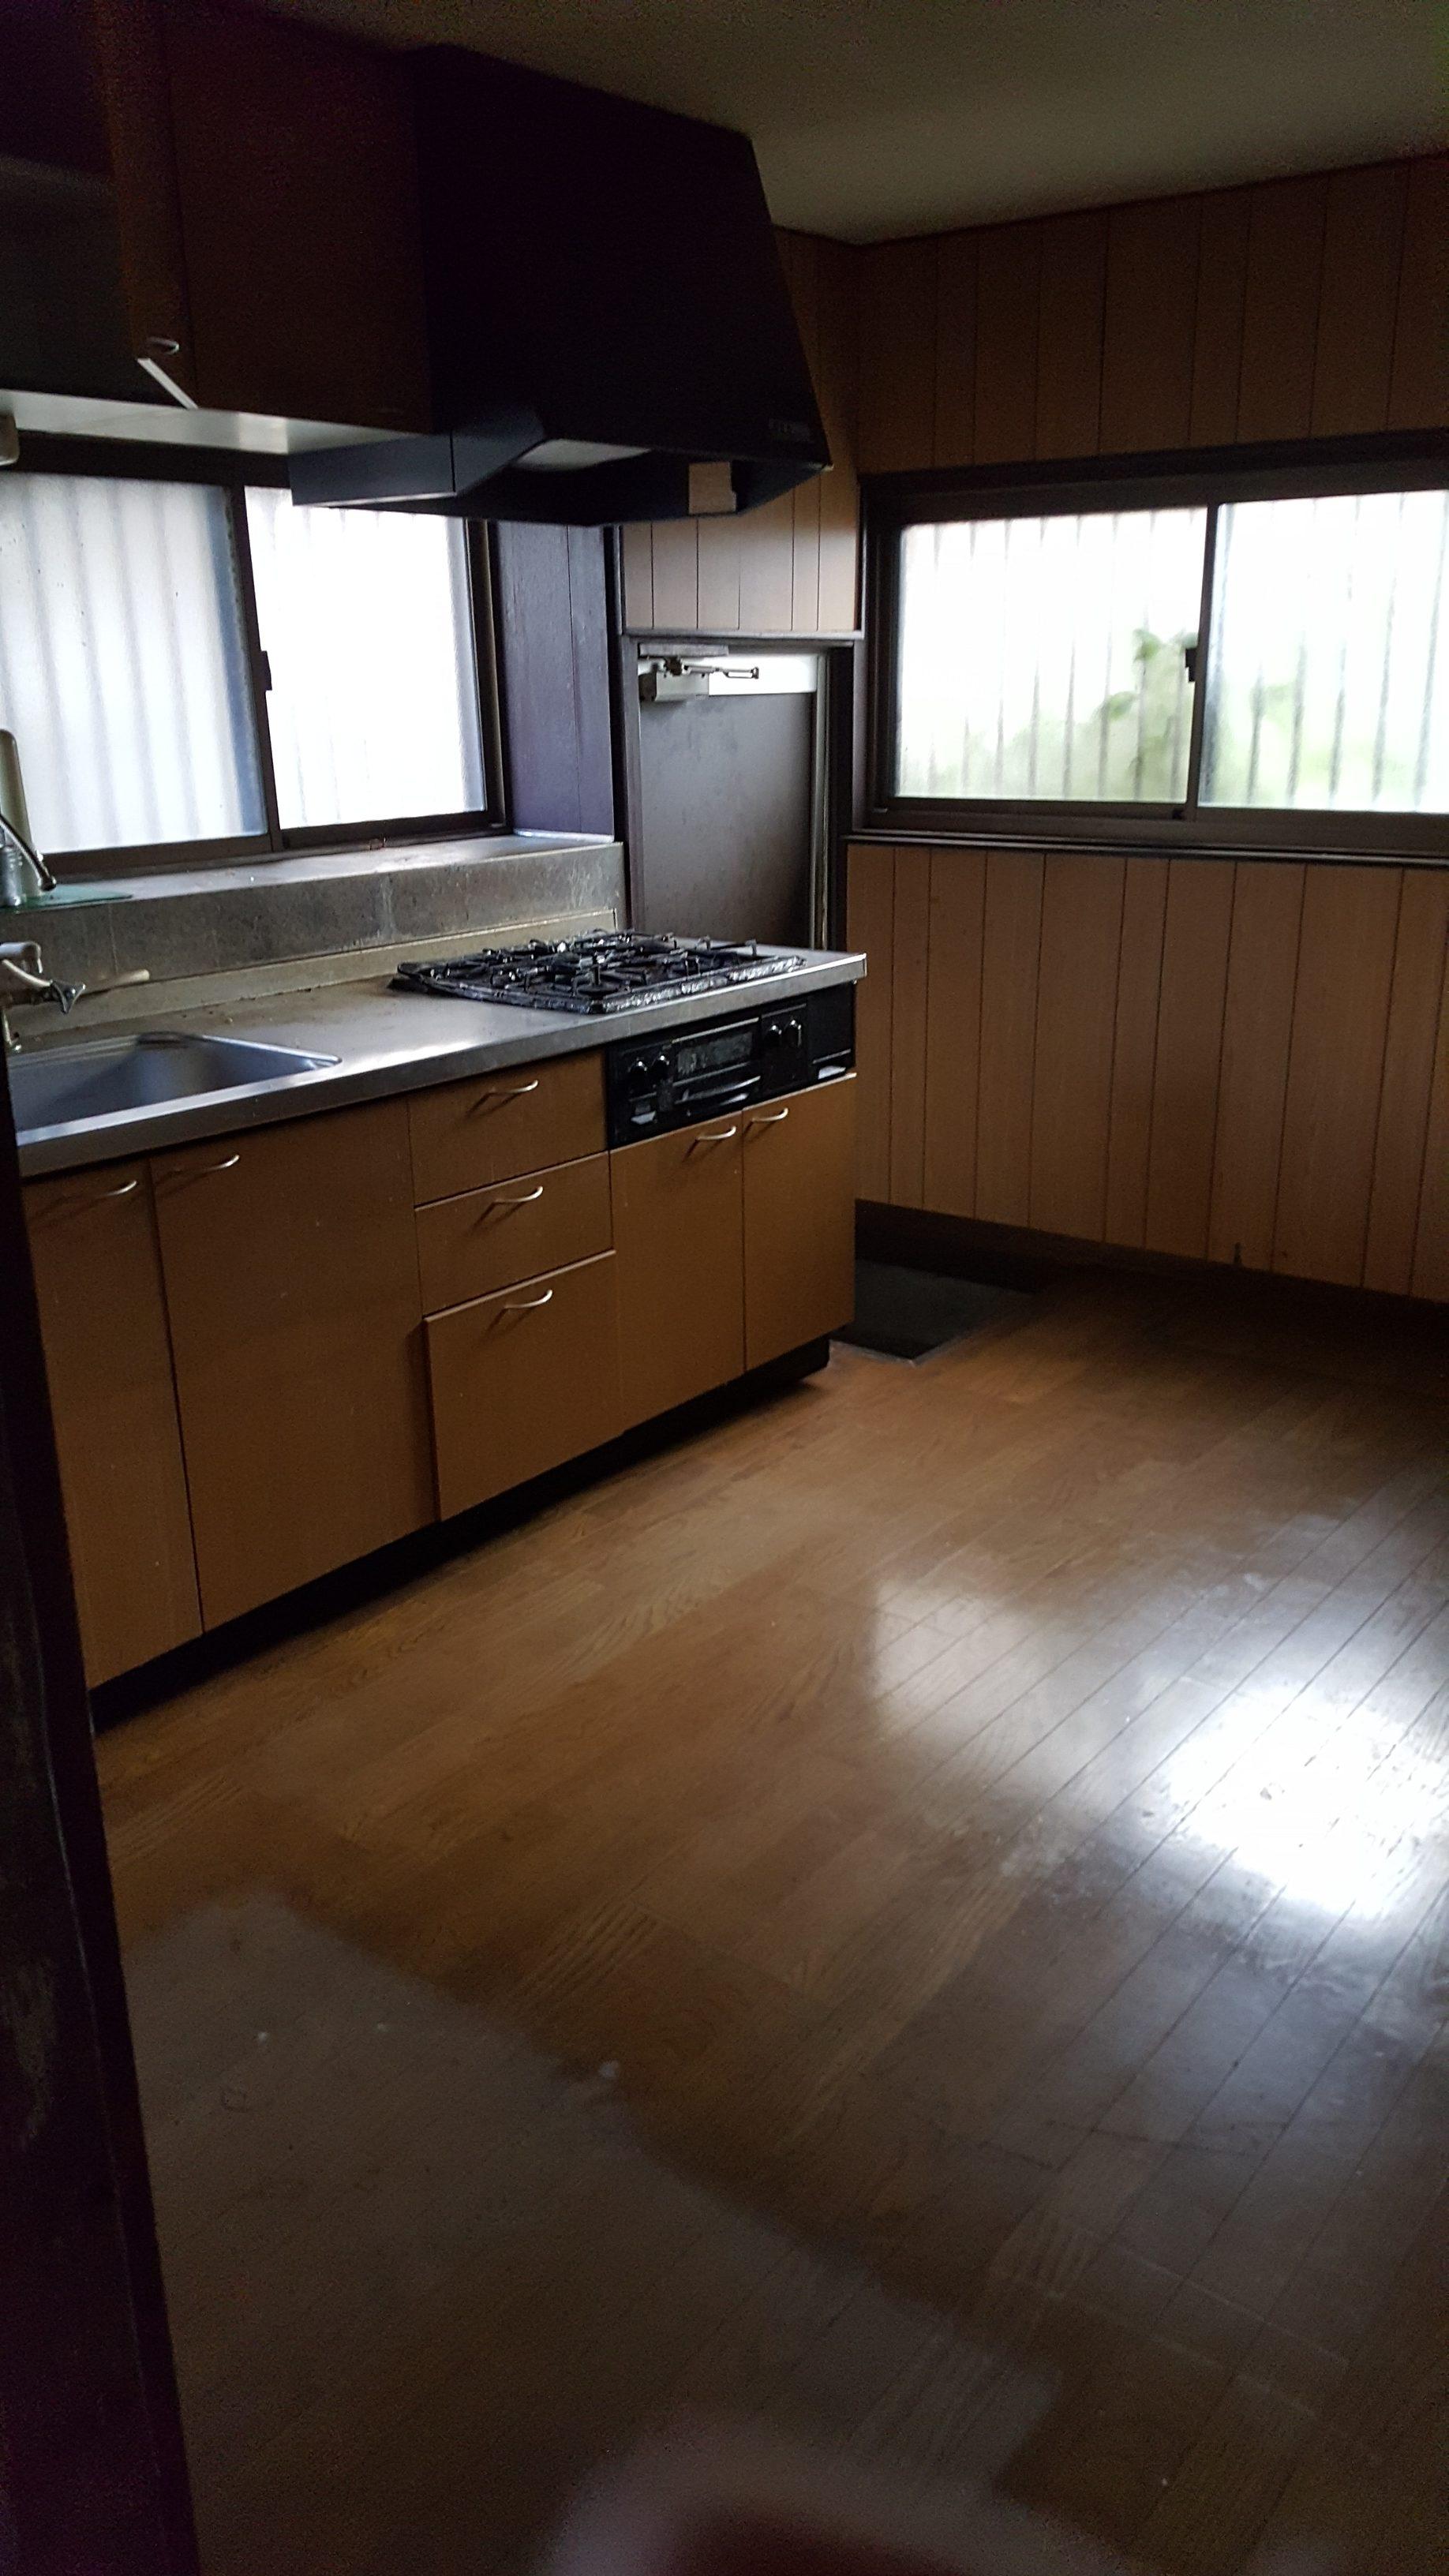 東京都多摩市 1DK不用品回収